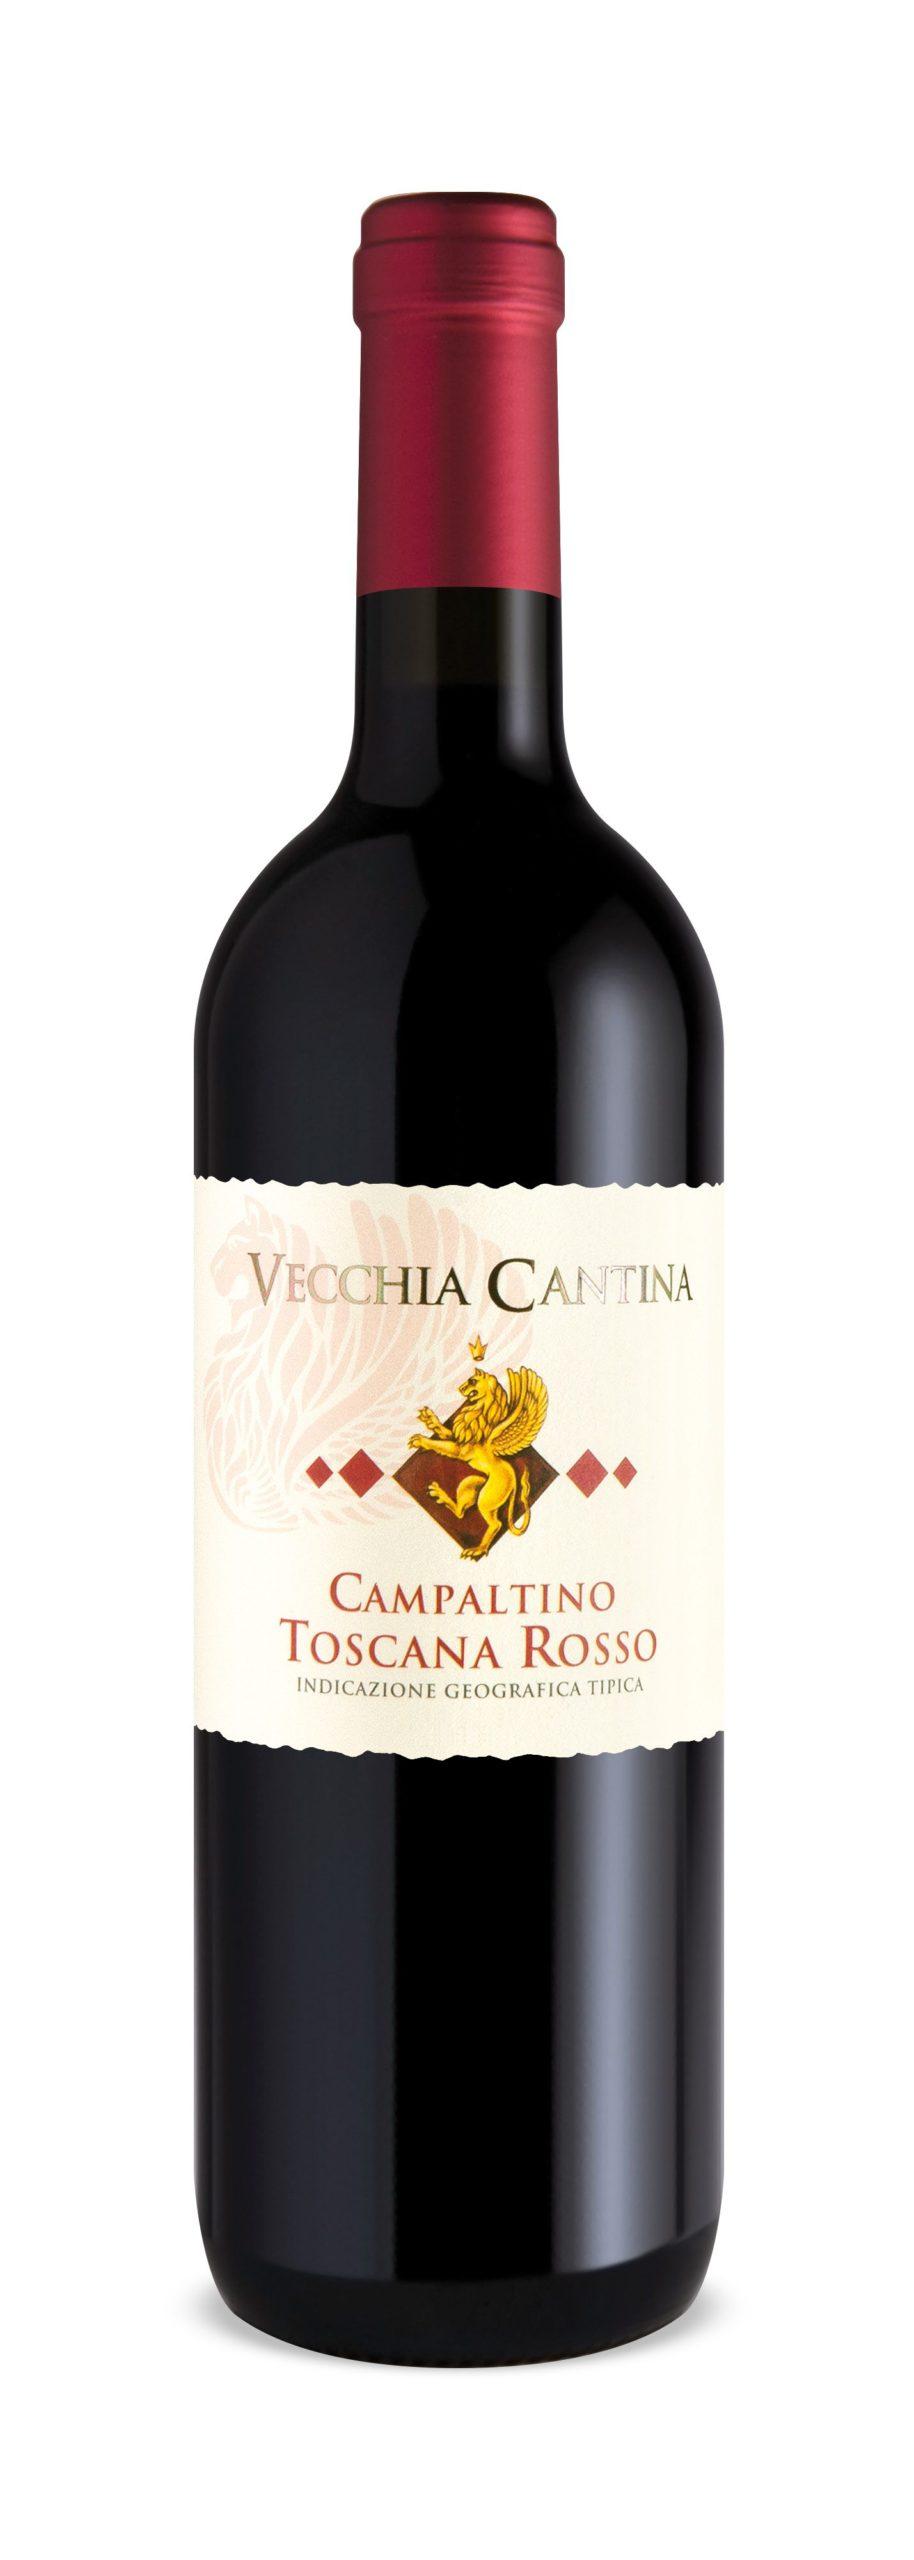 Toscana Rosso Campaltino IGT